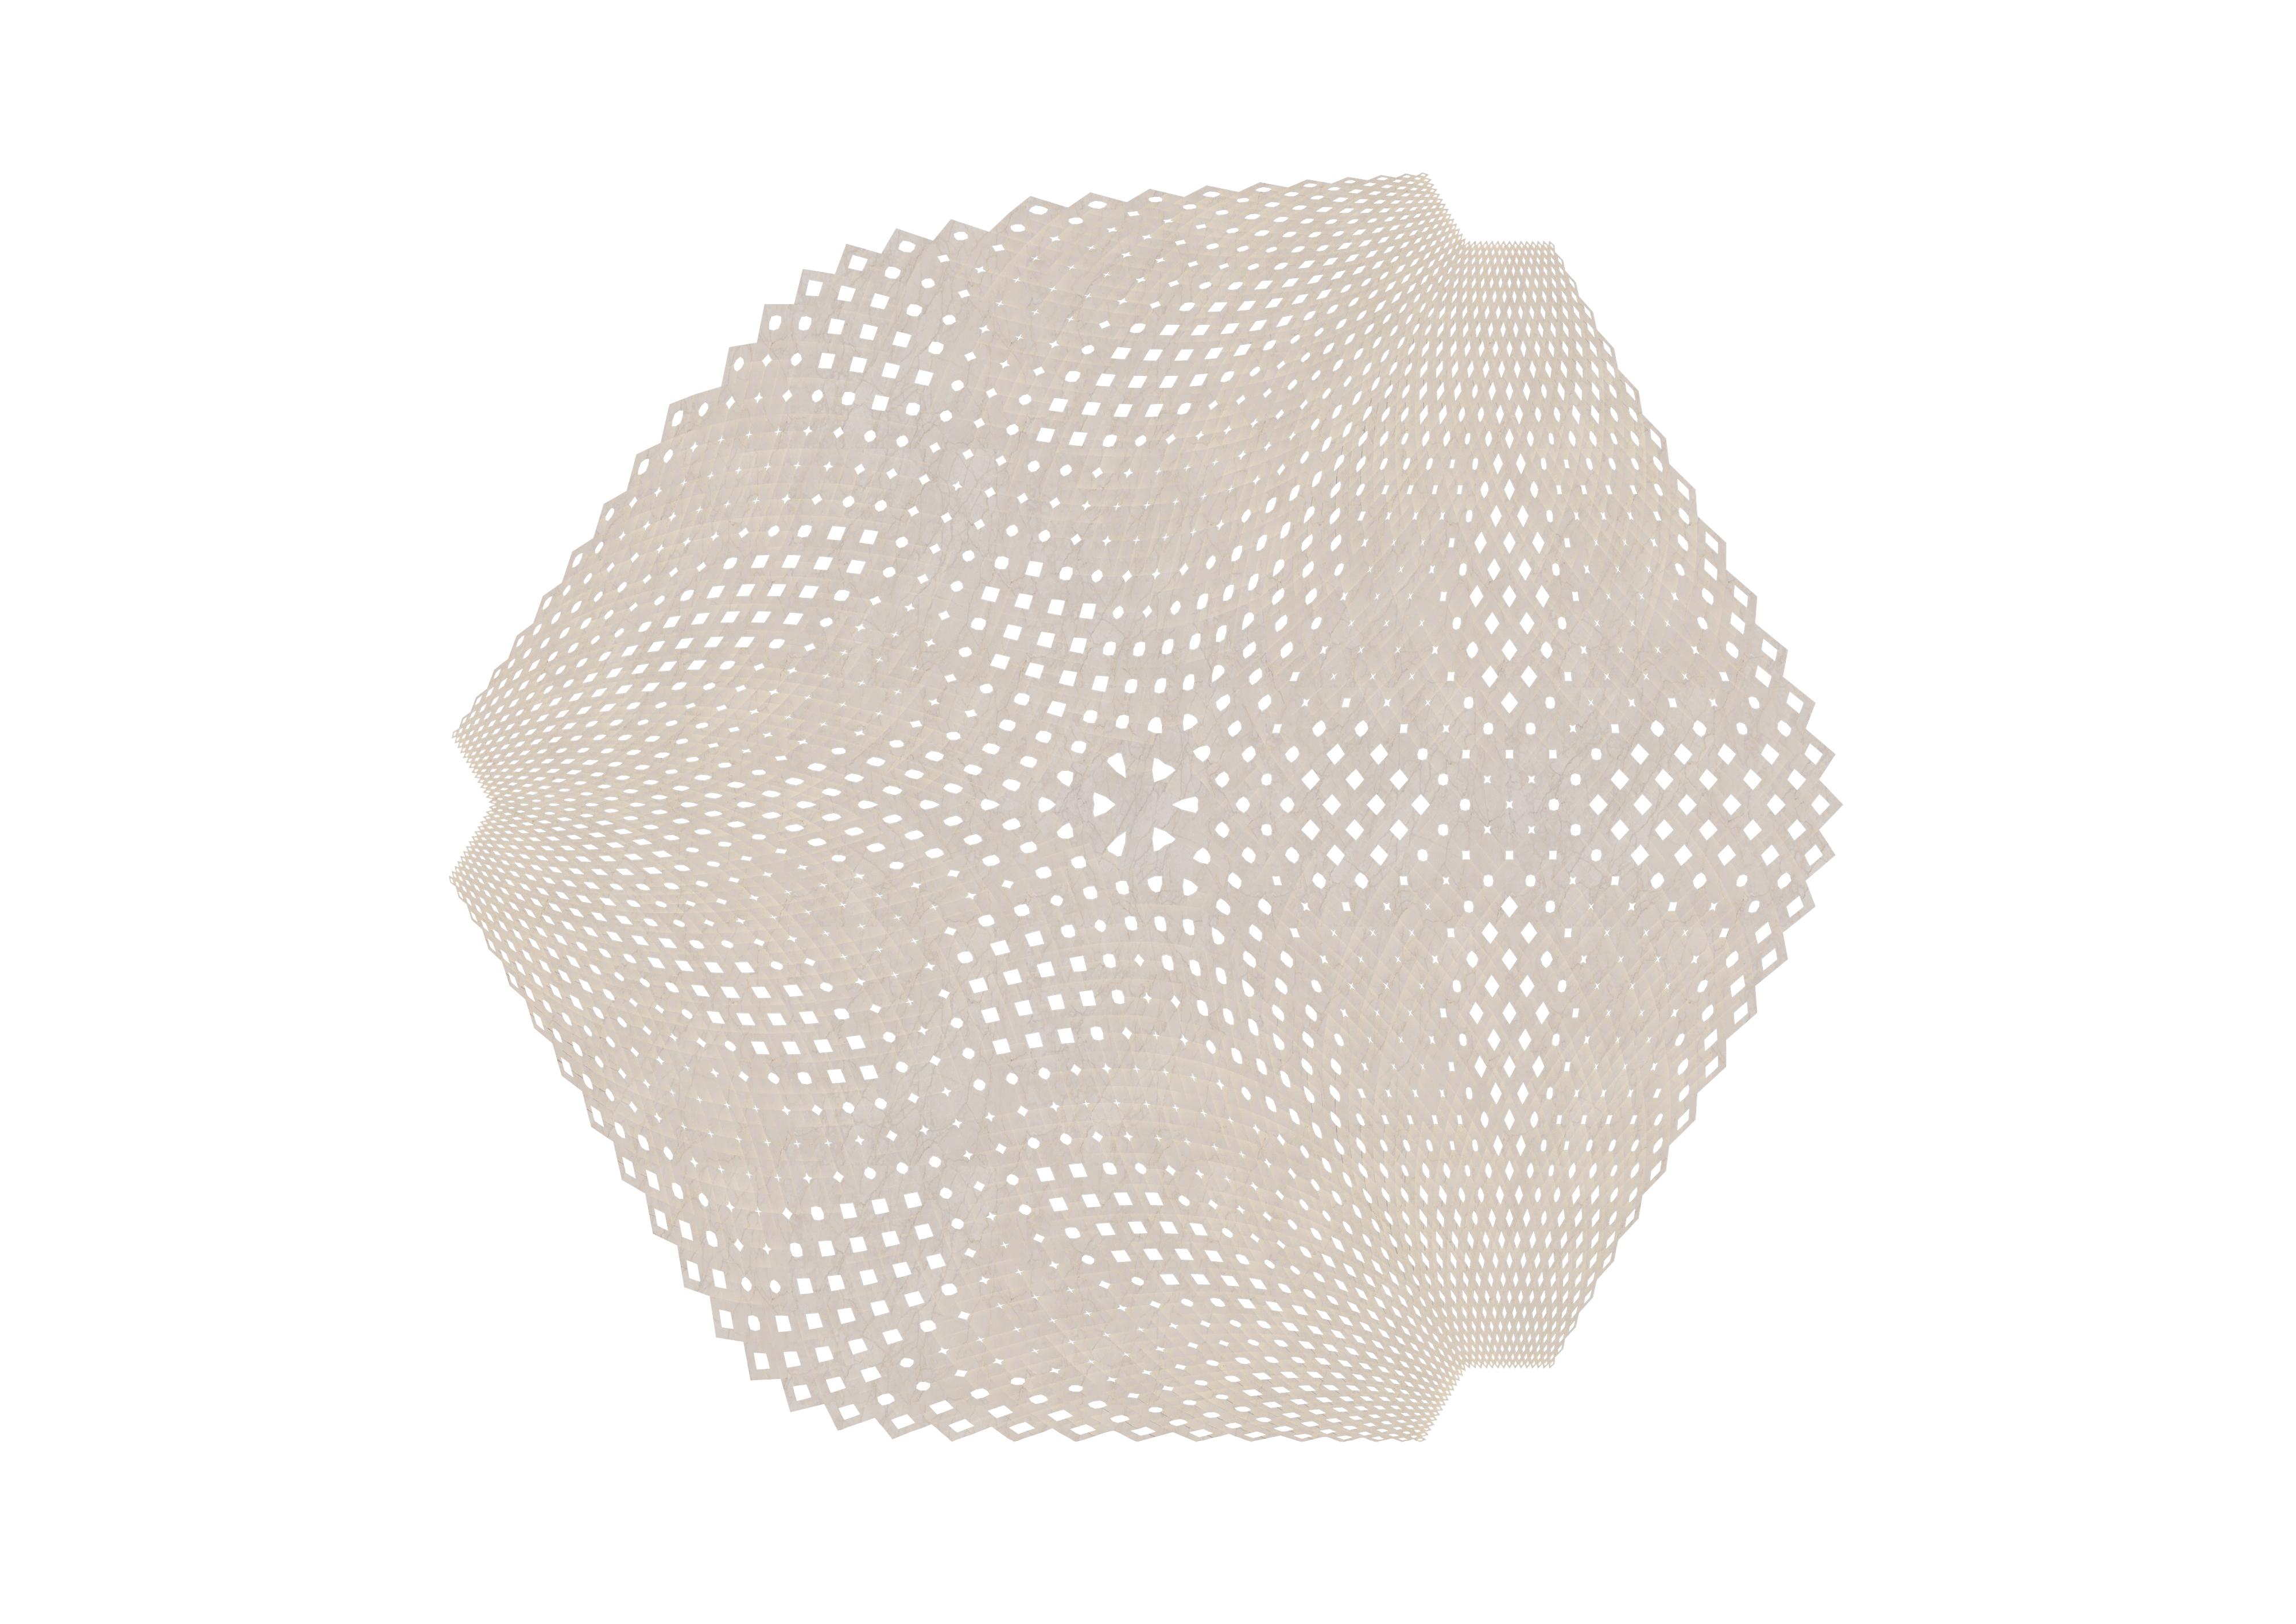 Figure 3.171 prototype pool shell top